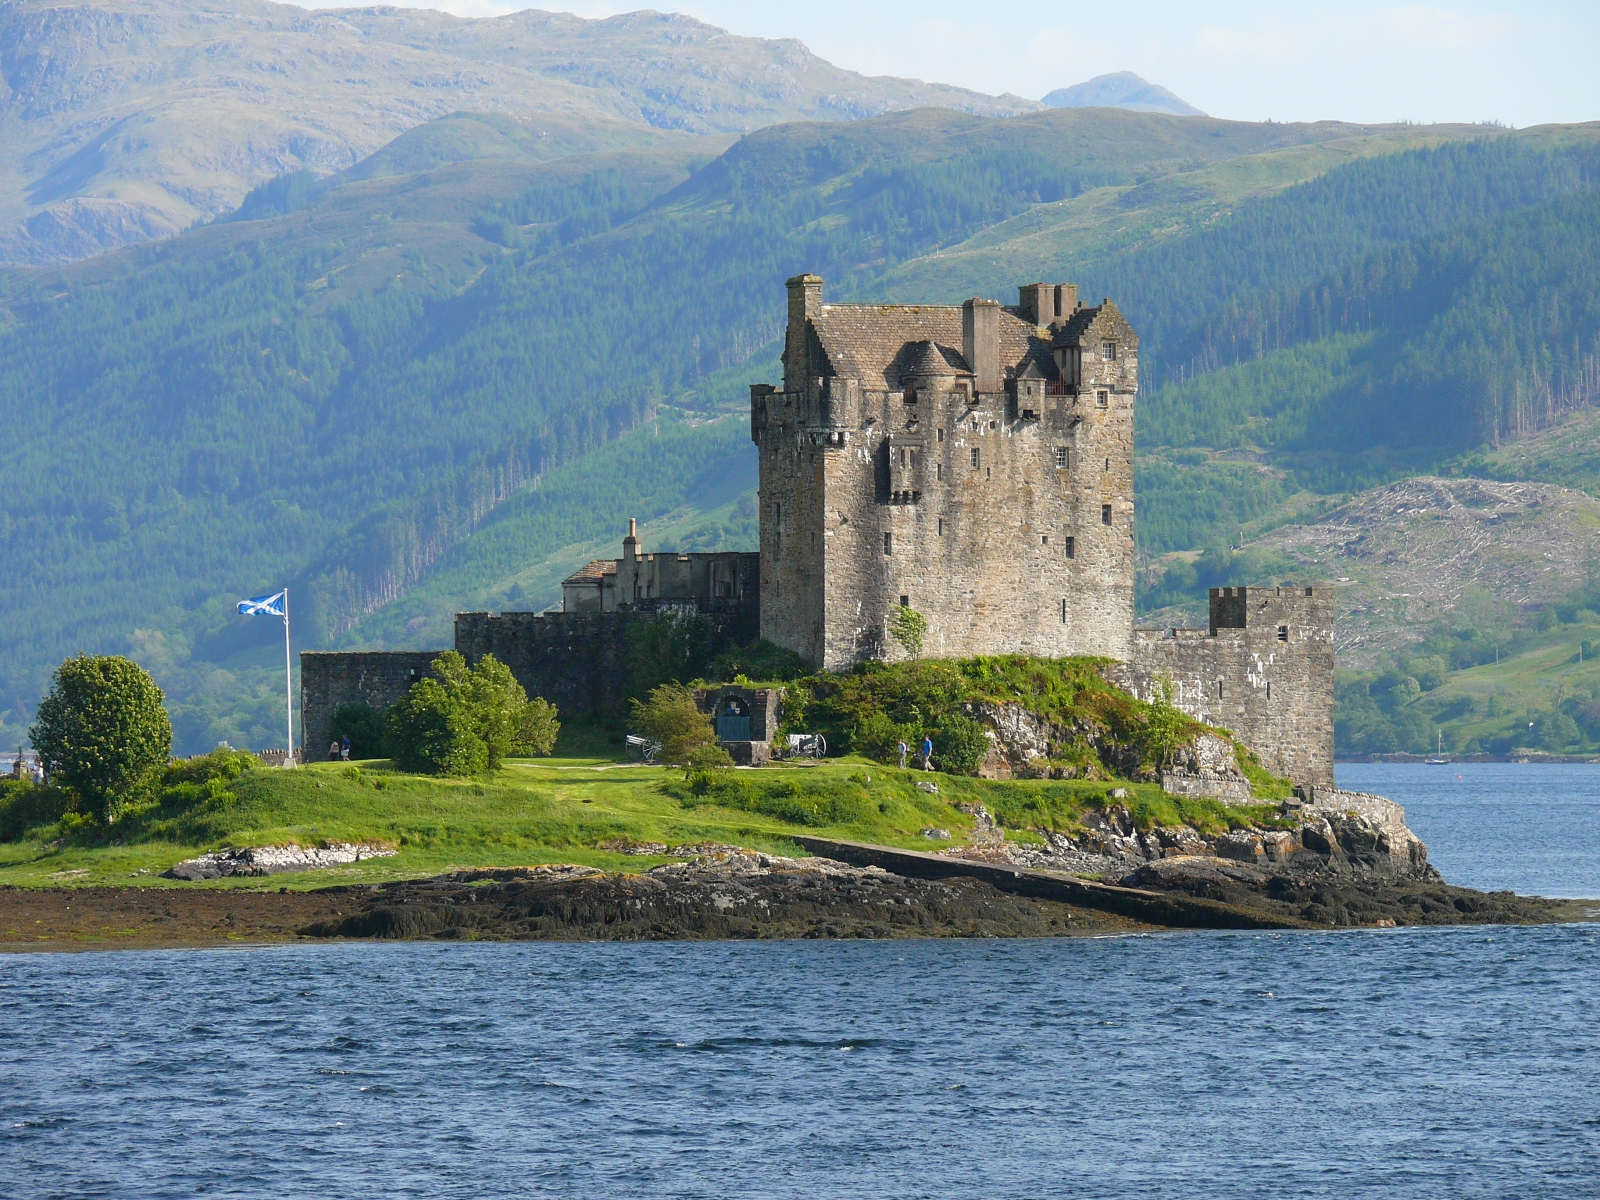 Eilean Donan Castle, Scotland / (WT-shared) Albion [CC BY-SA 4.0-3.0-2.5-2.0-1.0]